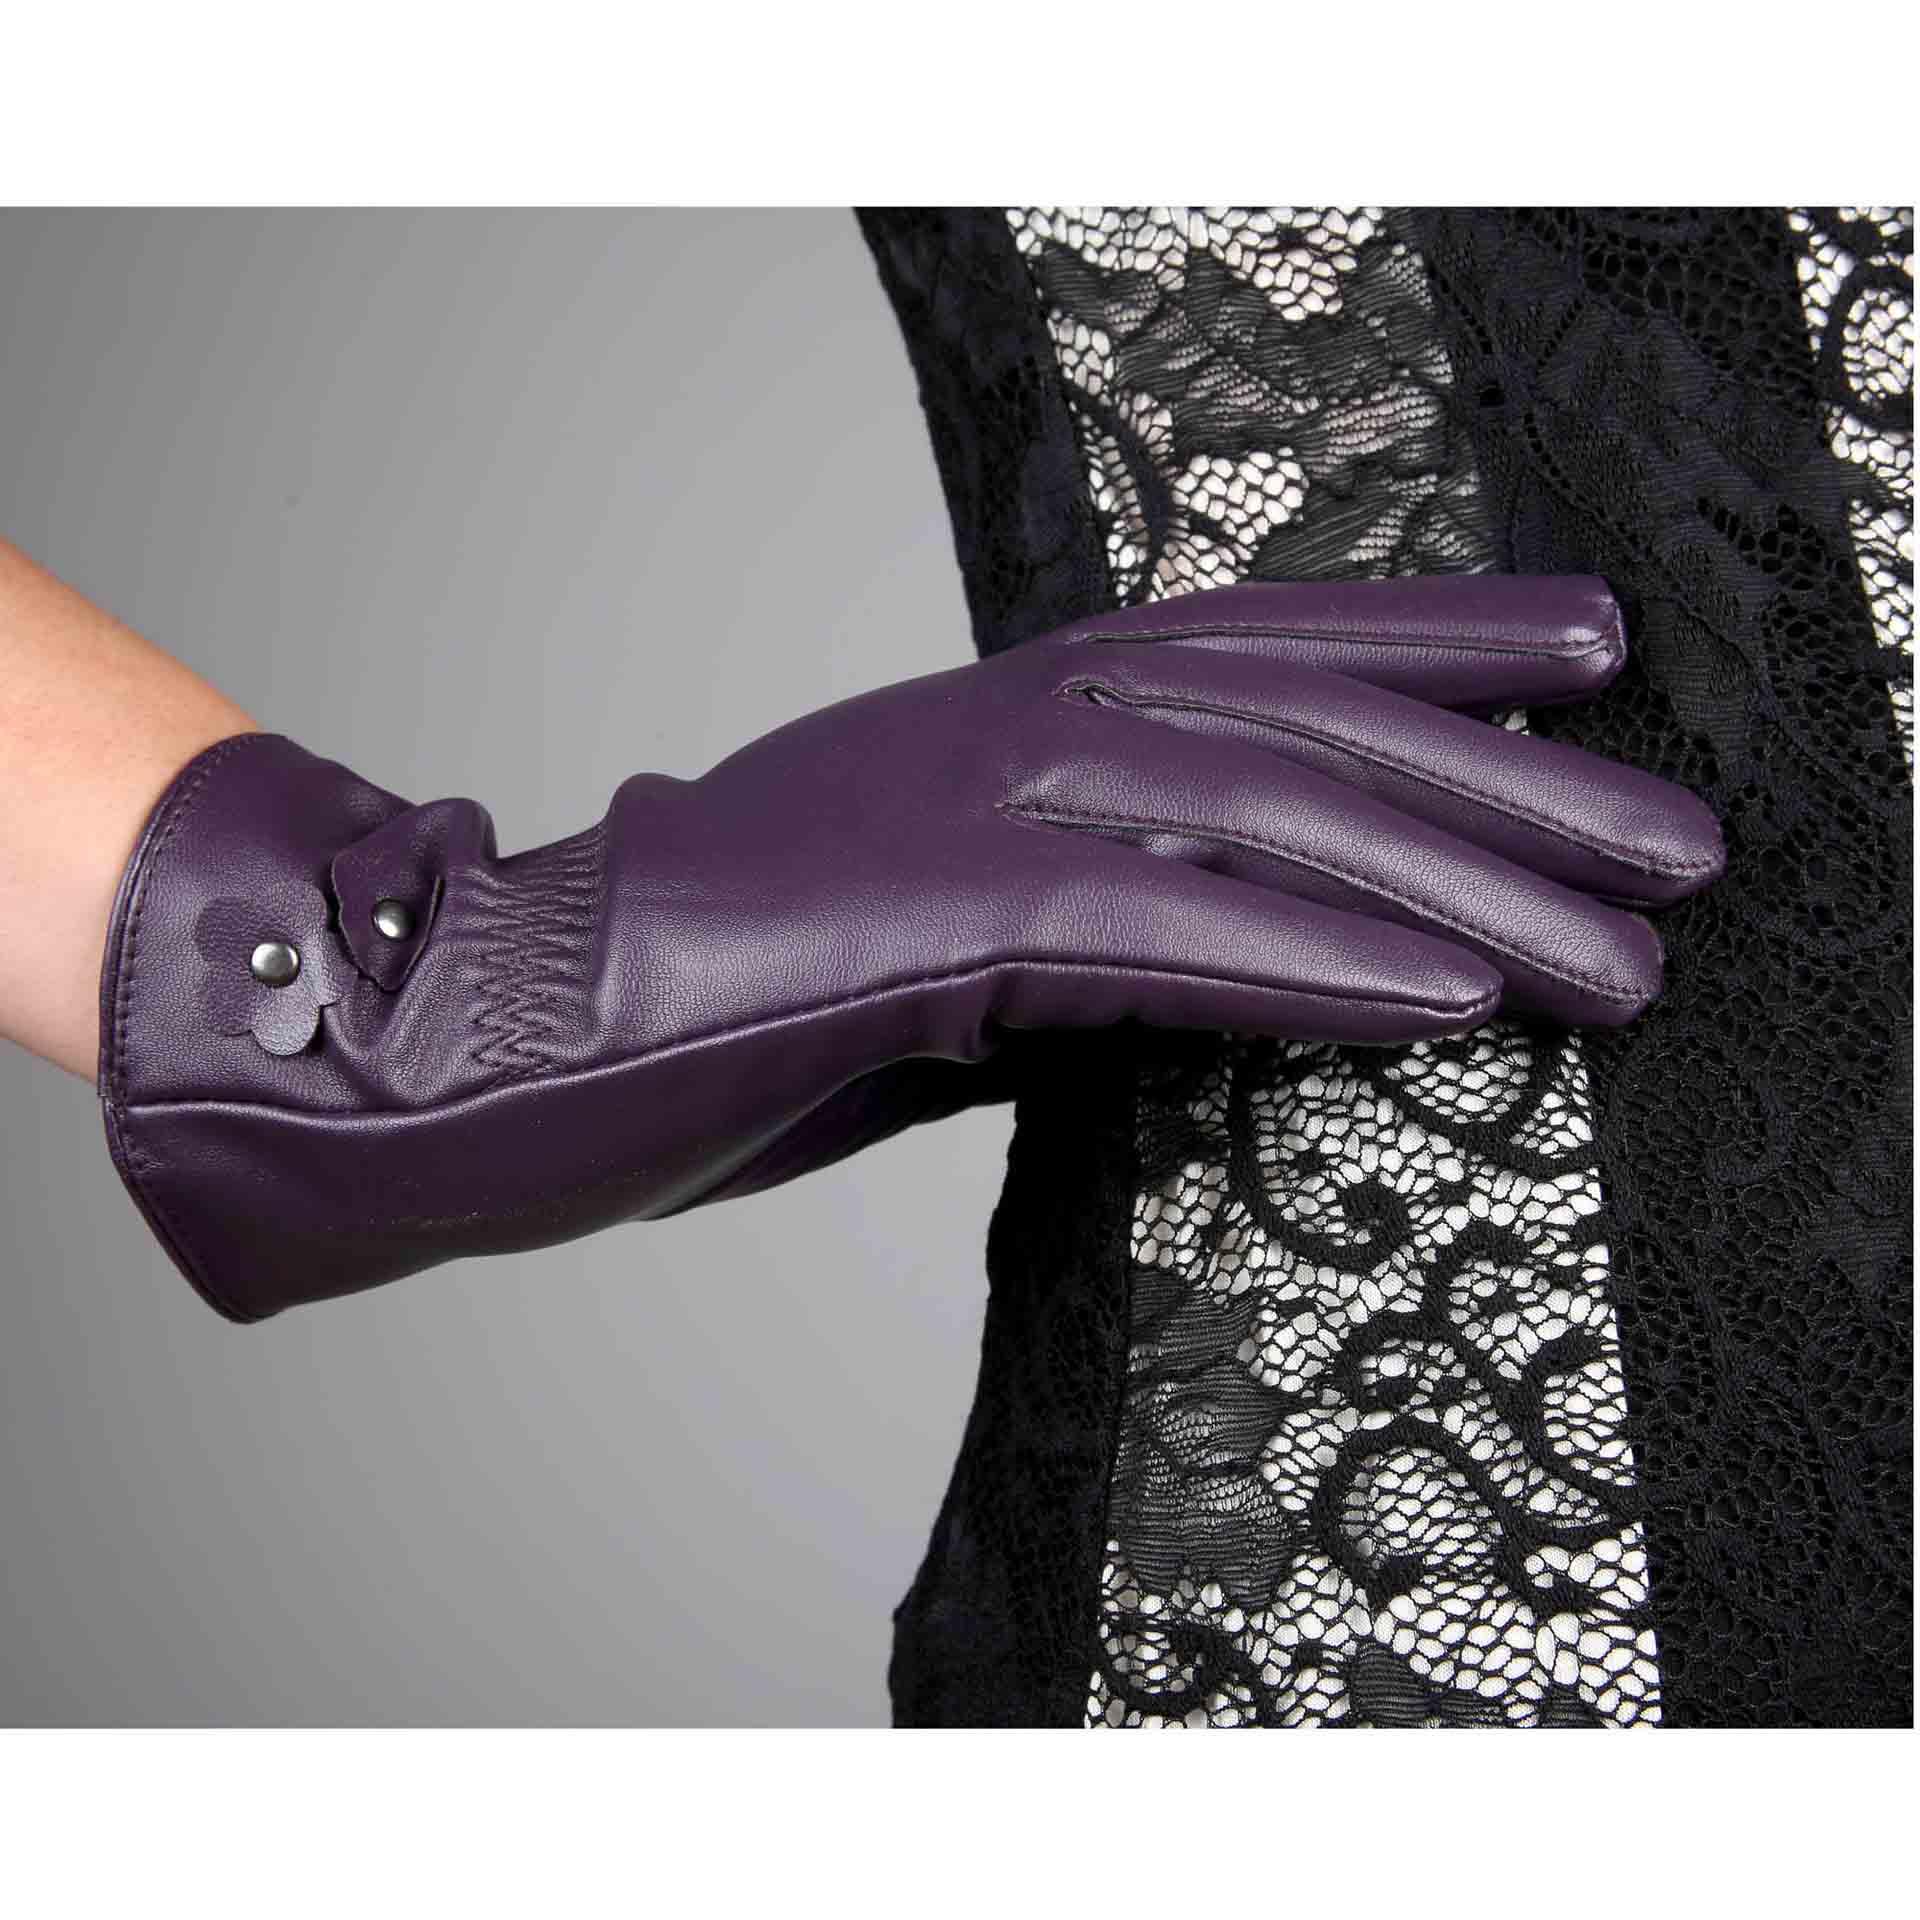 秋冬季新款加绒保暖PU皮手套 女士骑行手套时尚手套厂价直销A016